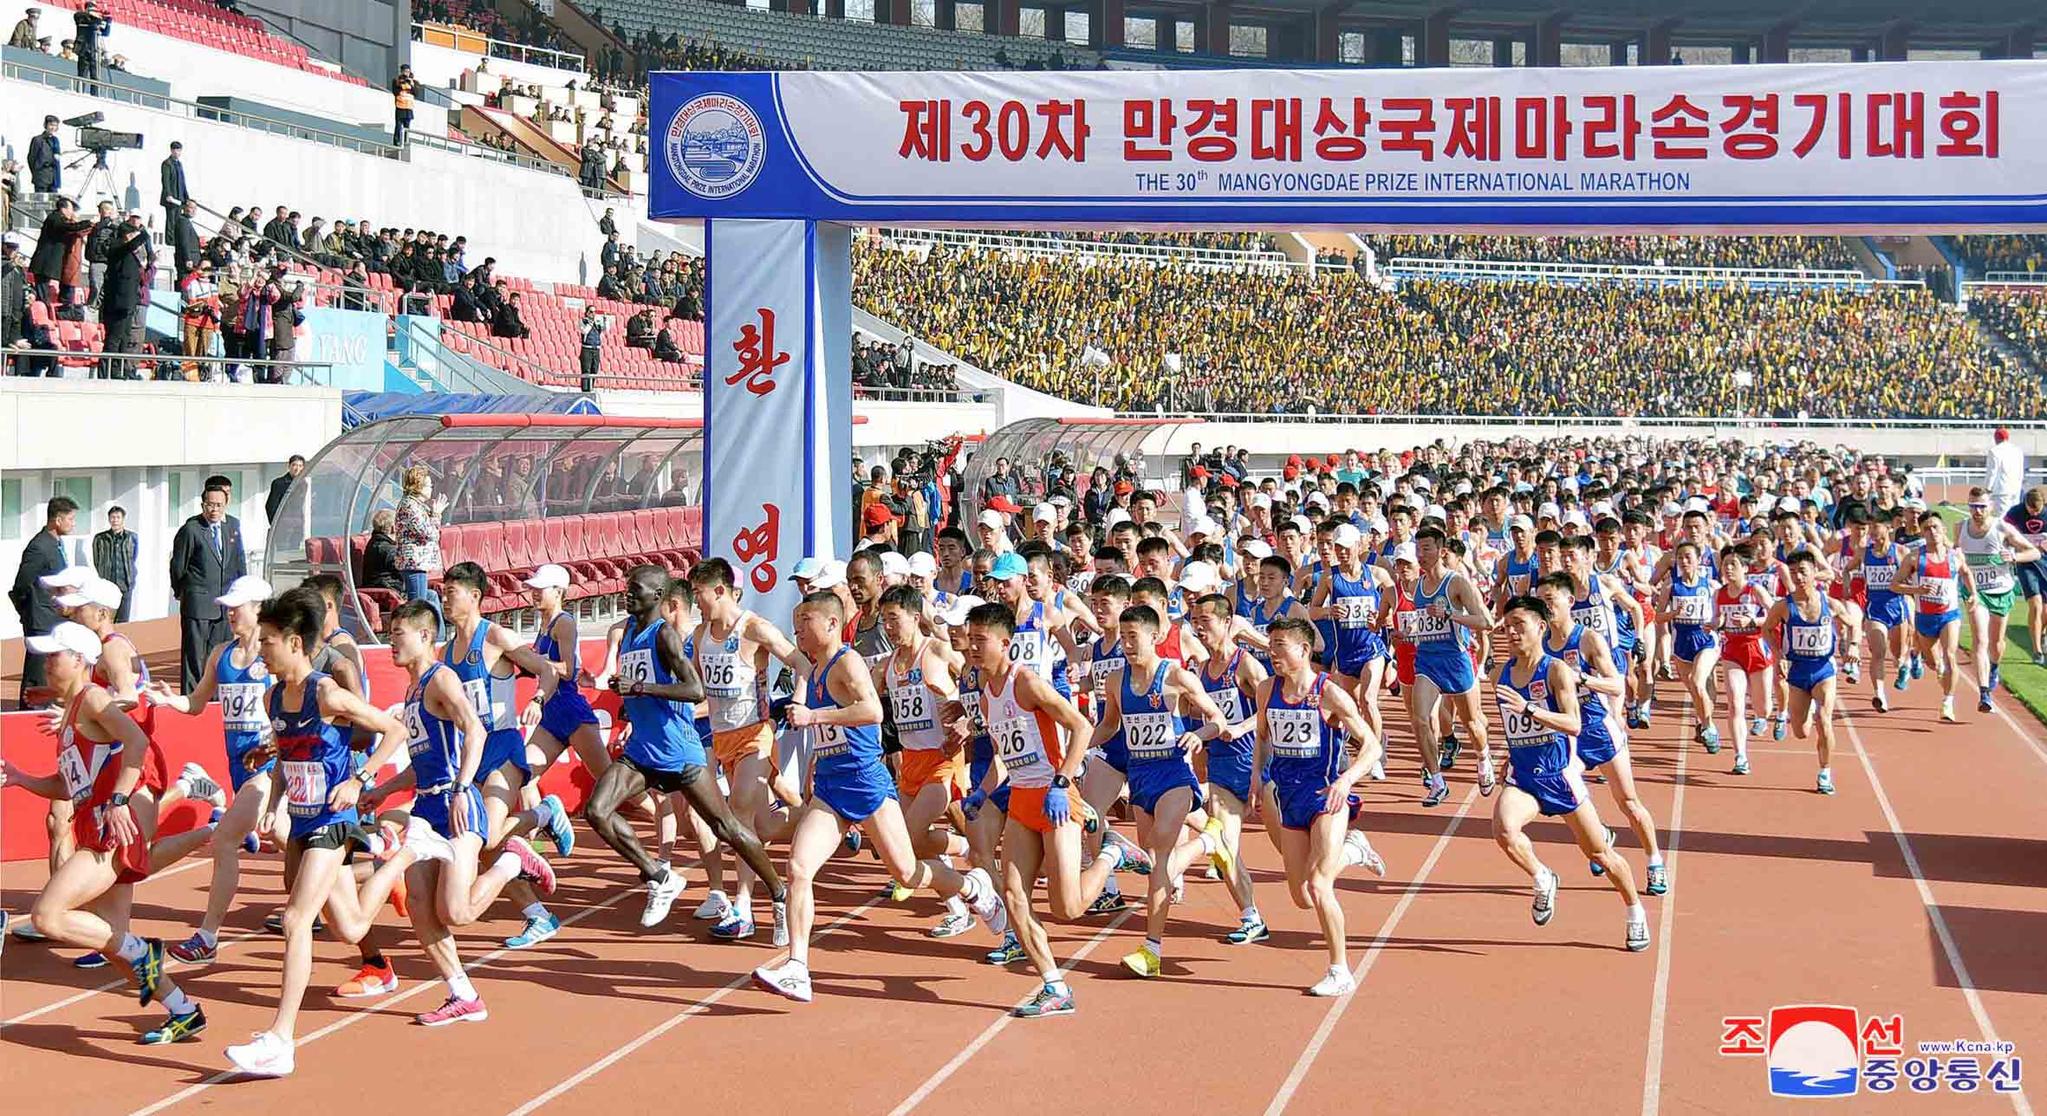 제30차 만경대상 국제마라톤경기대회가 7일 평양에서 열렸다고 조선중앙통신이 보도했다. [조선중앙통신=연합뉴스]